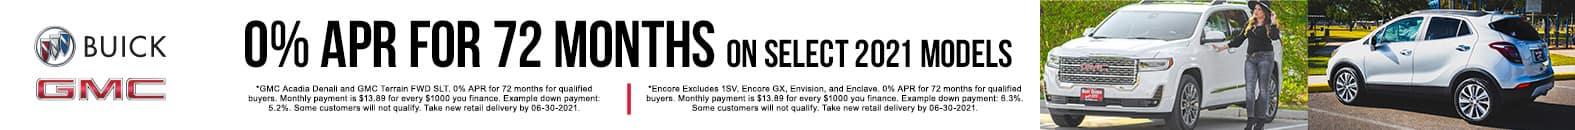 Get 0% APR For 72 Months | Bert Ogden Buick GMC | Edinburg, TX